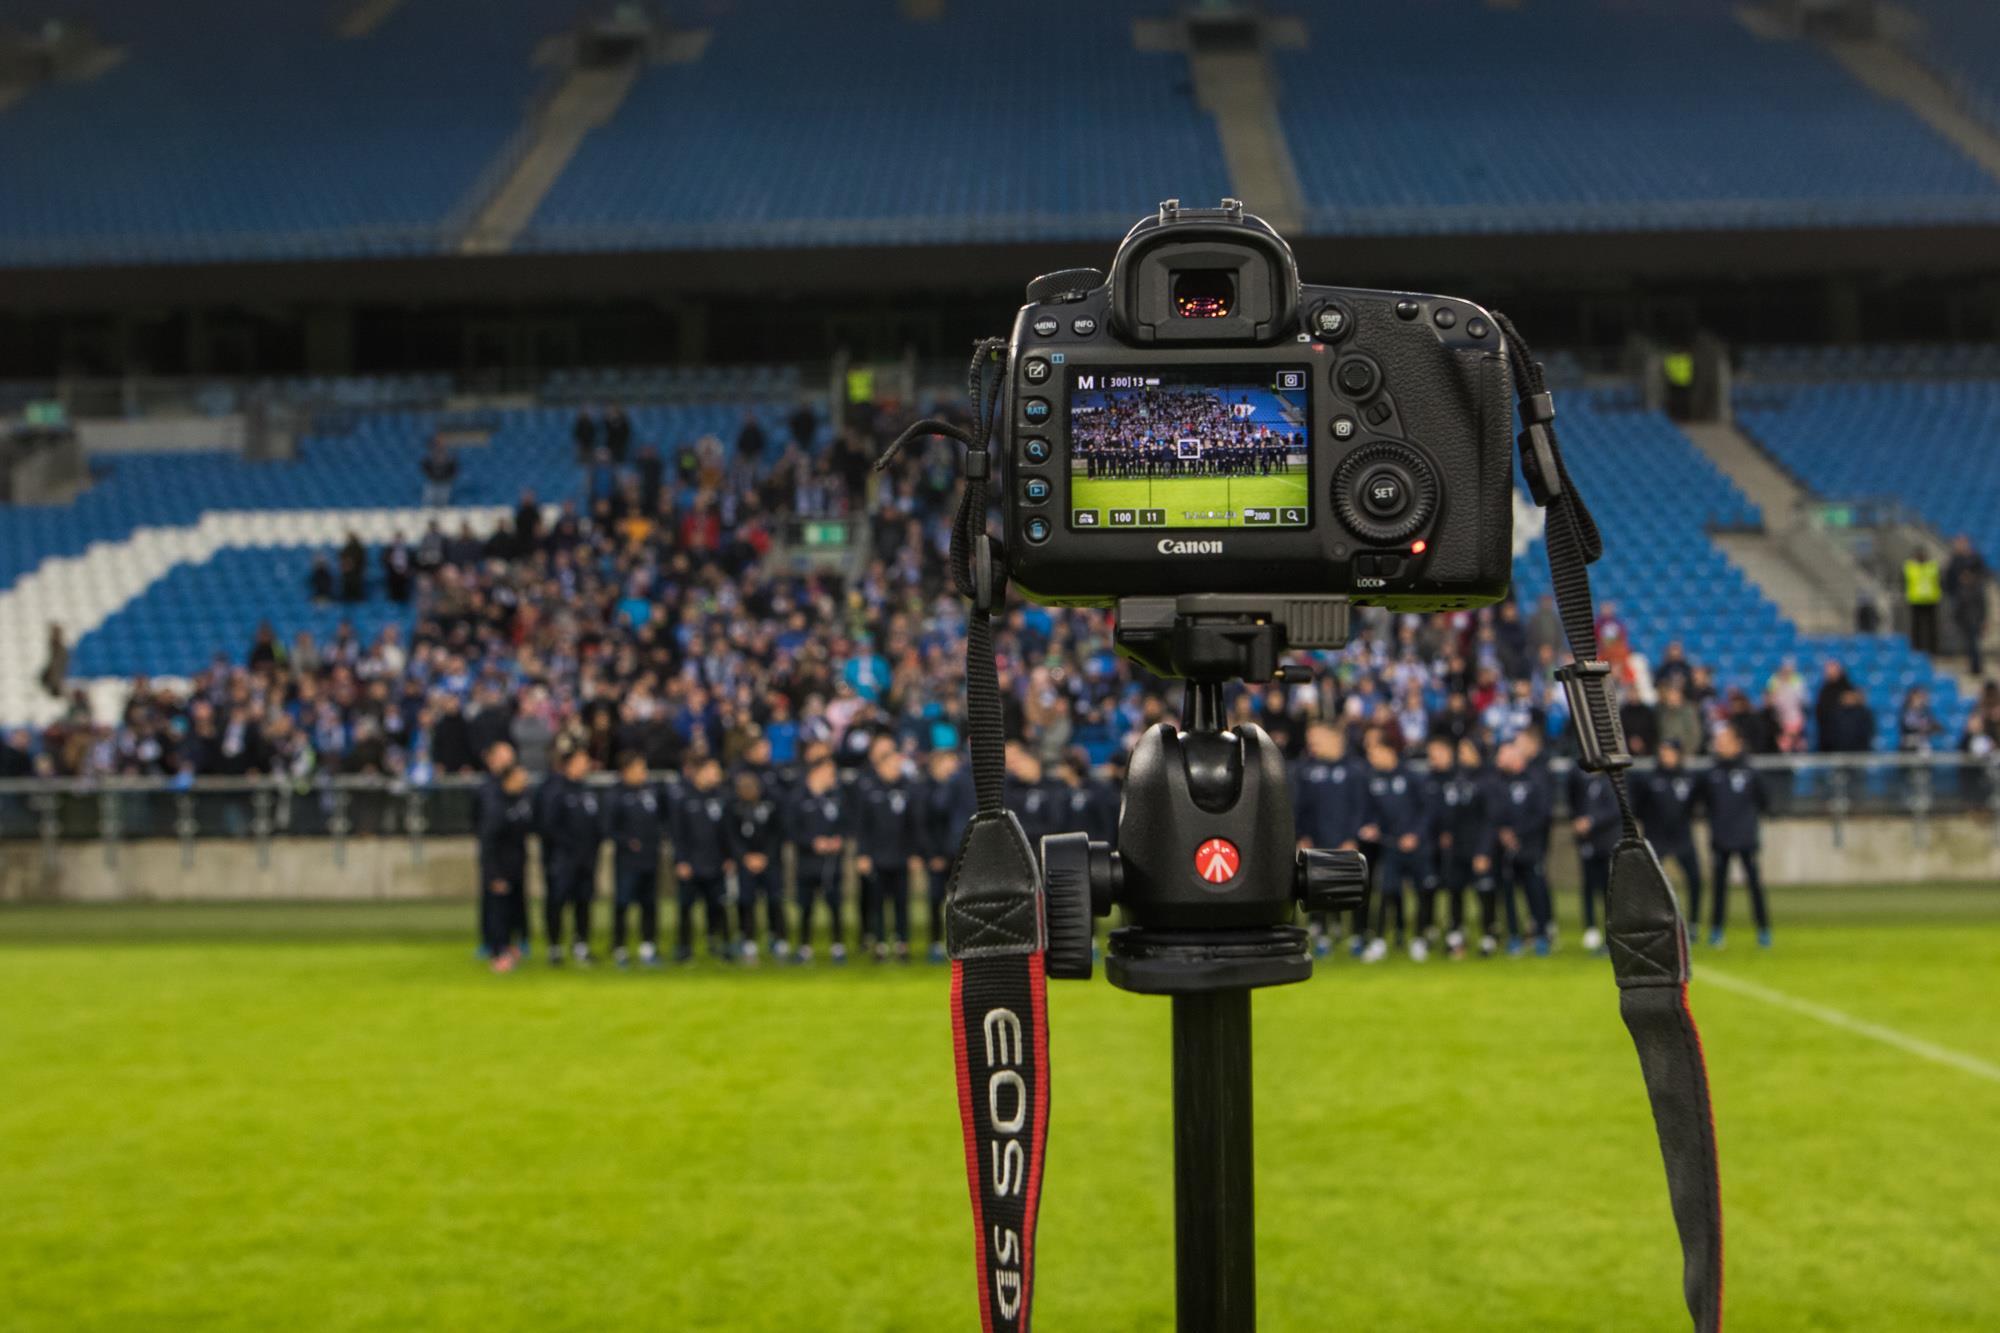 Lech Poznań stadion Bułgarska - Lech Poznań, Facebook